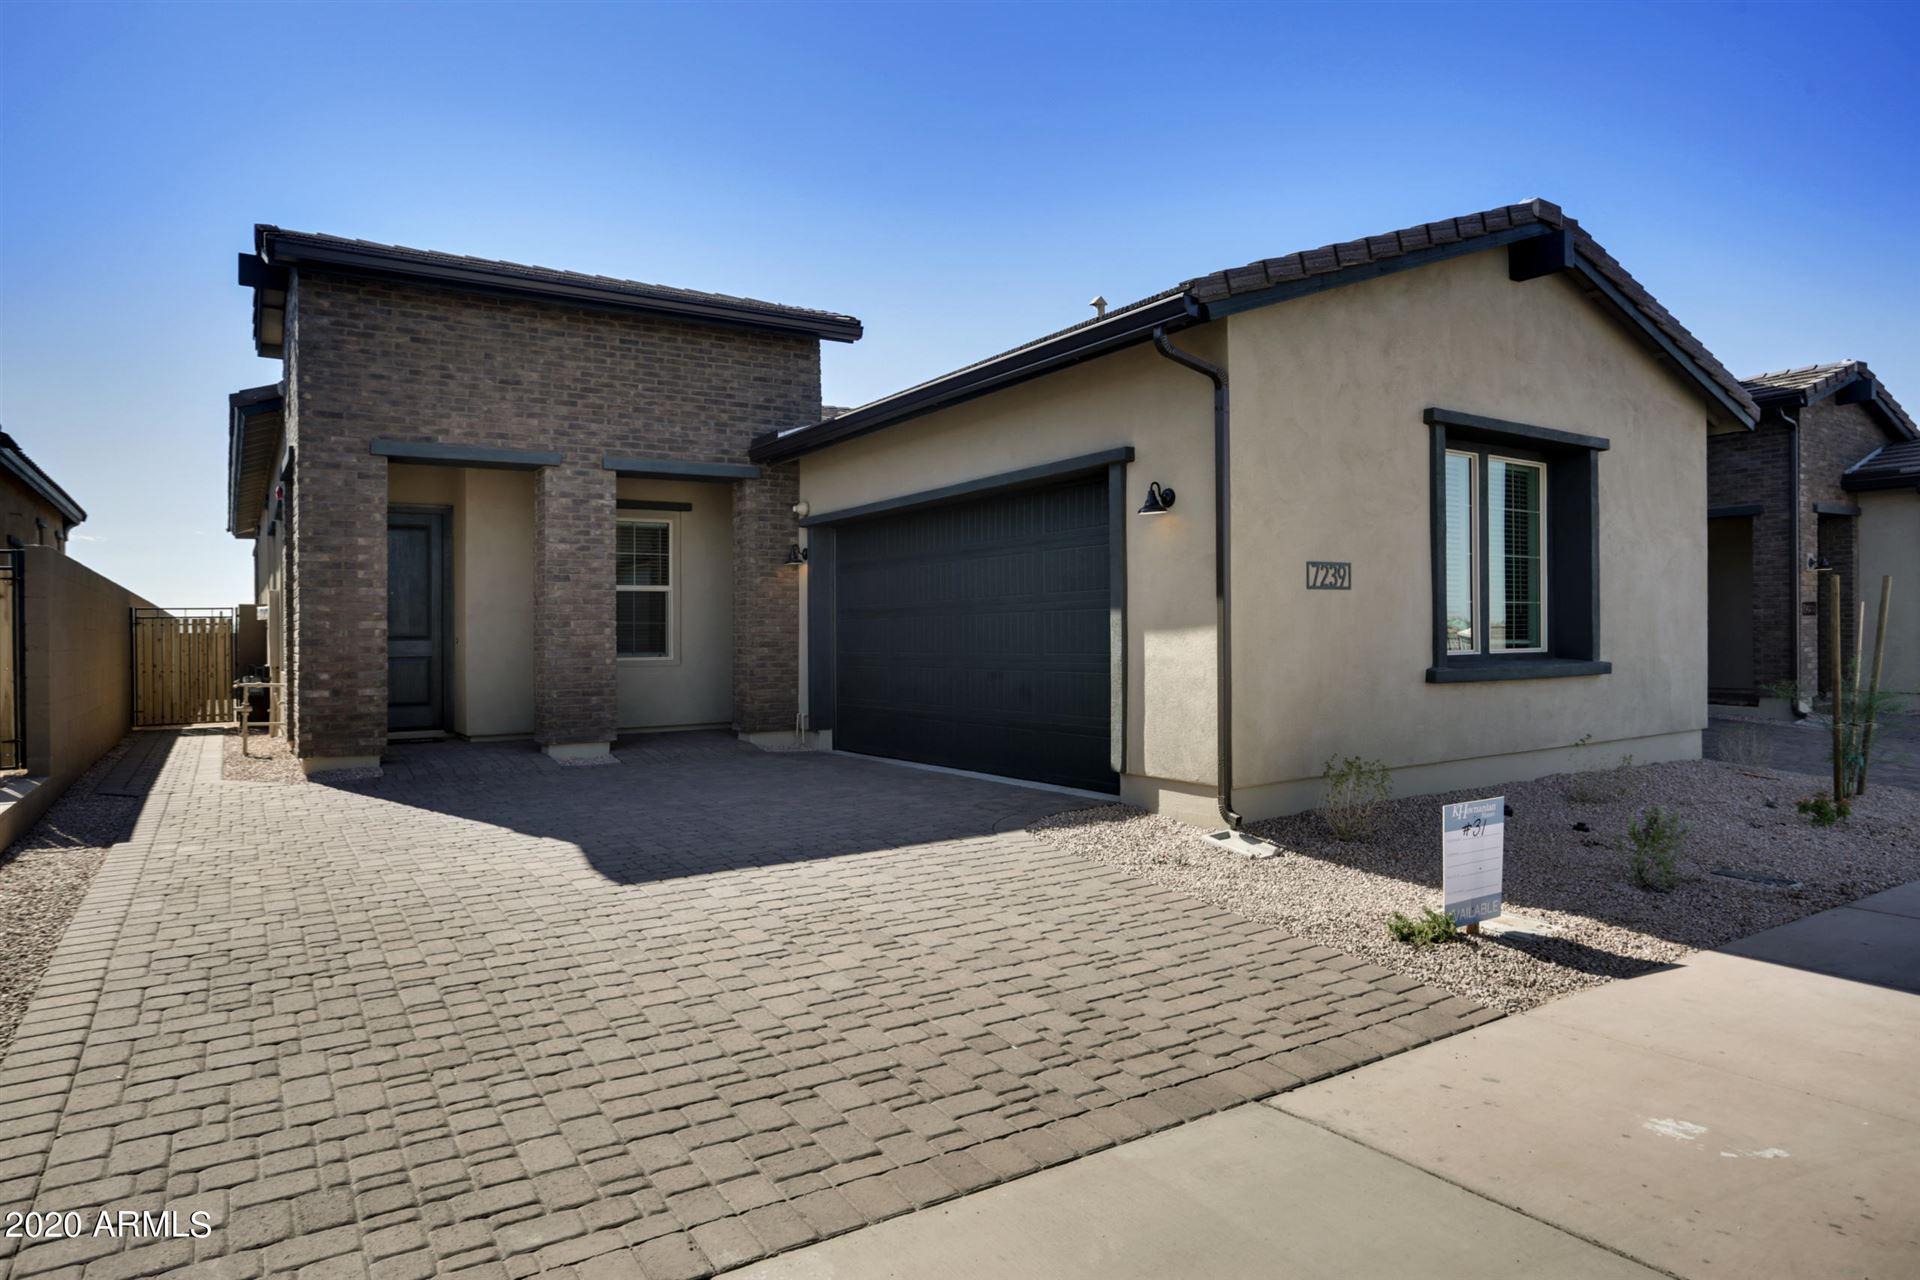 7239 E CALLE PRIMERA Vista, Scottsdale, AZ 85266 - #: 6170278